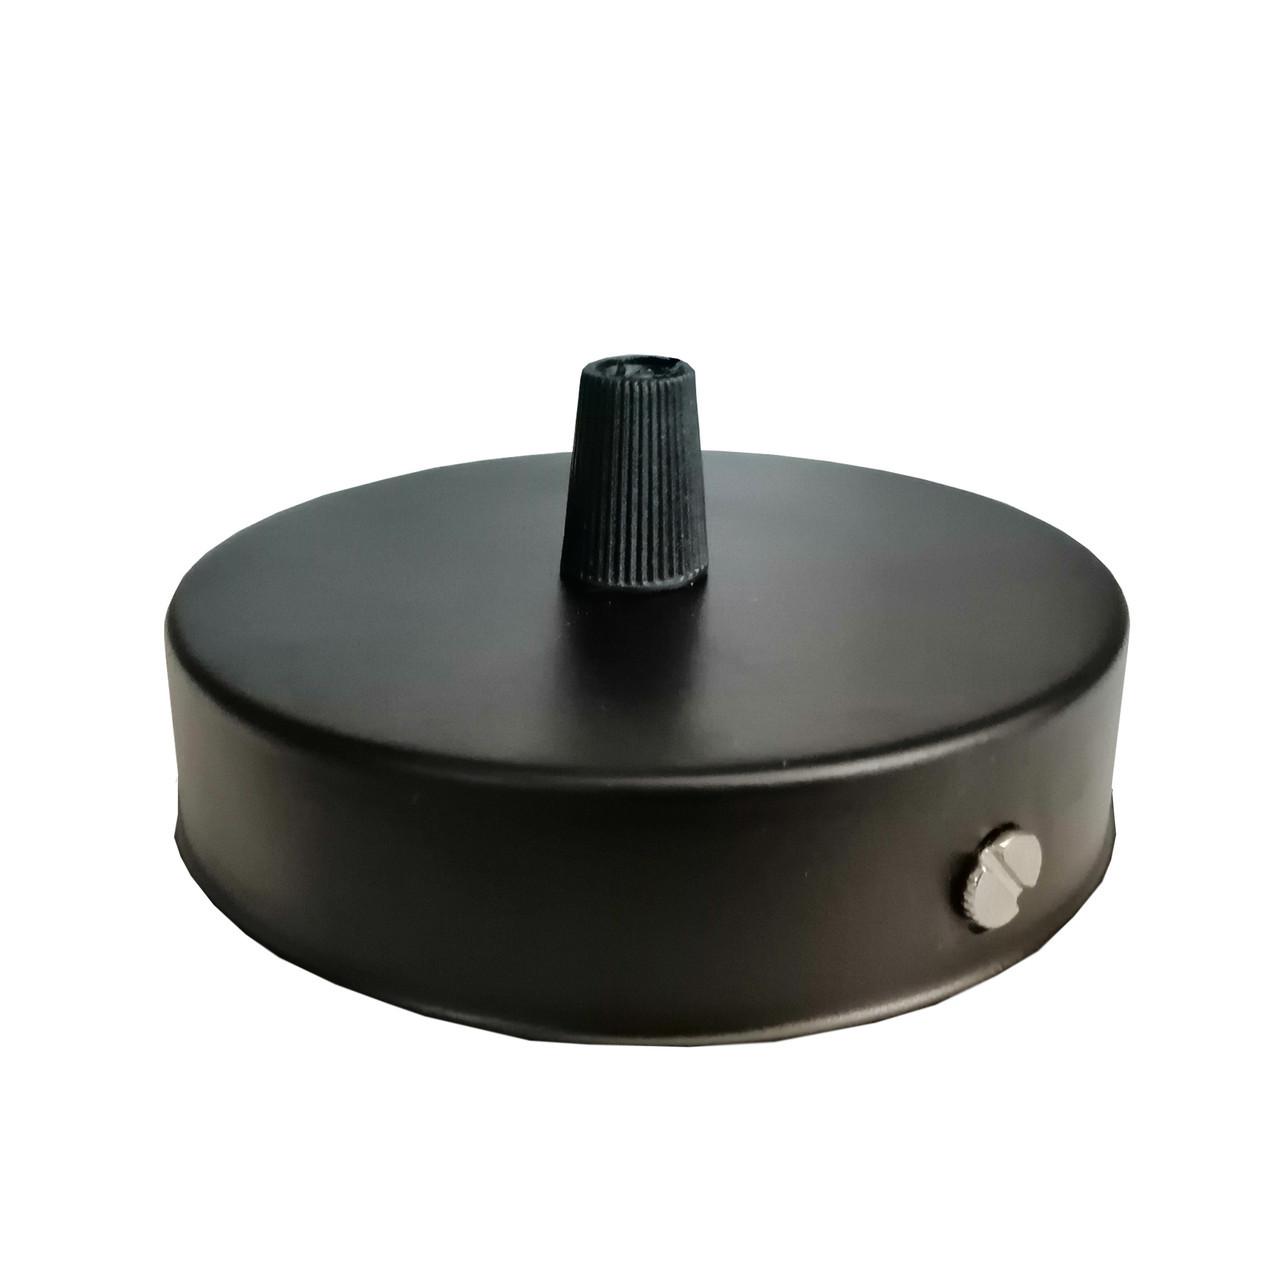 Комплект для монтажа люстры, монтажная основа для крепления подвесных светильников цвет черный